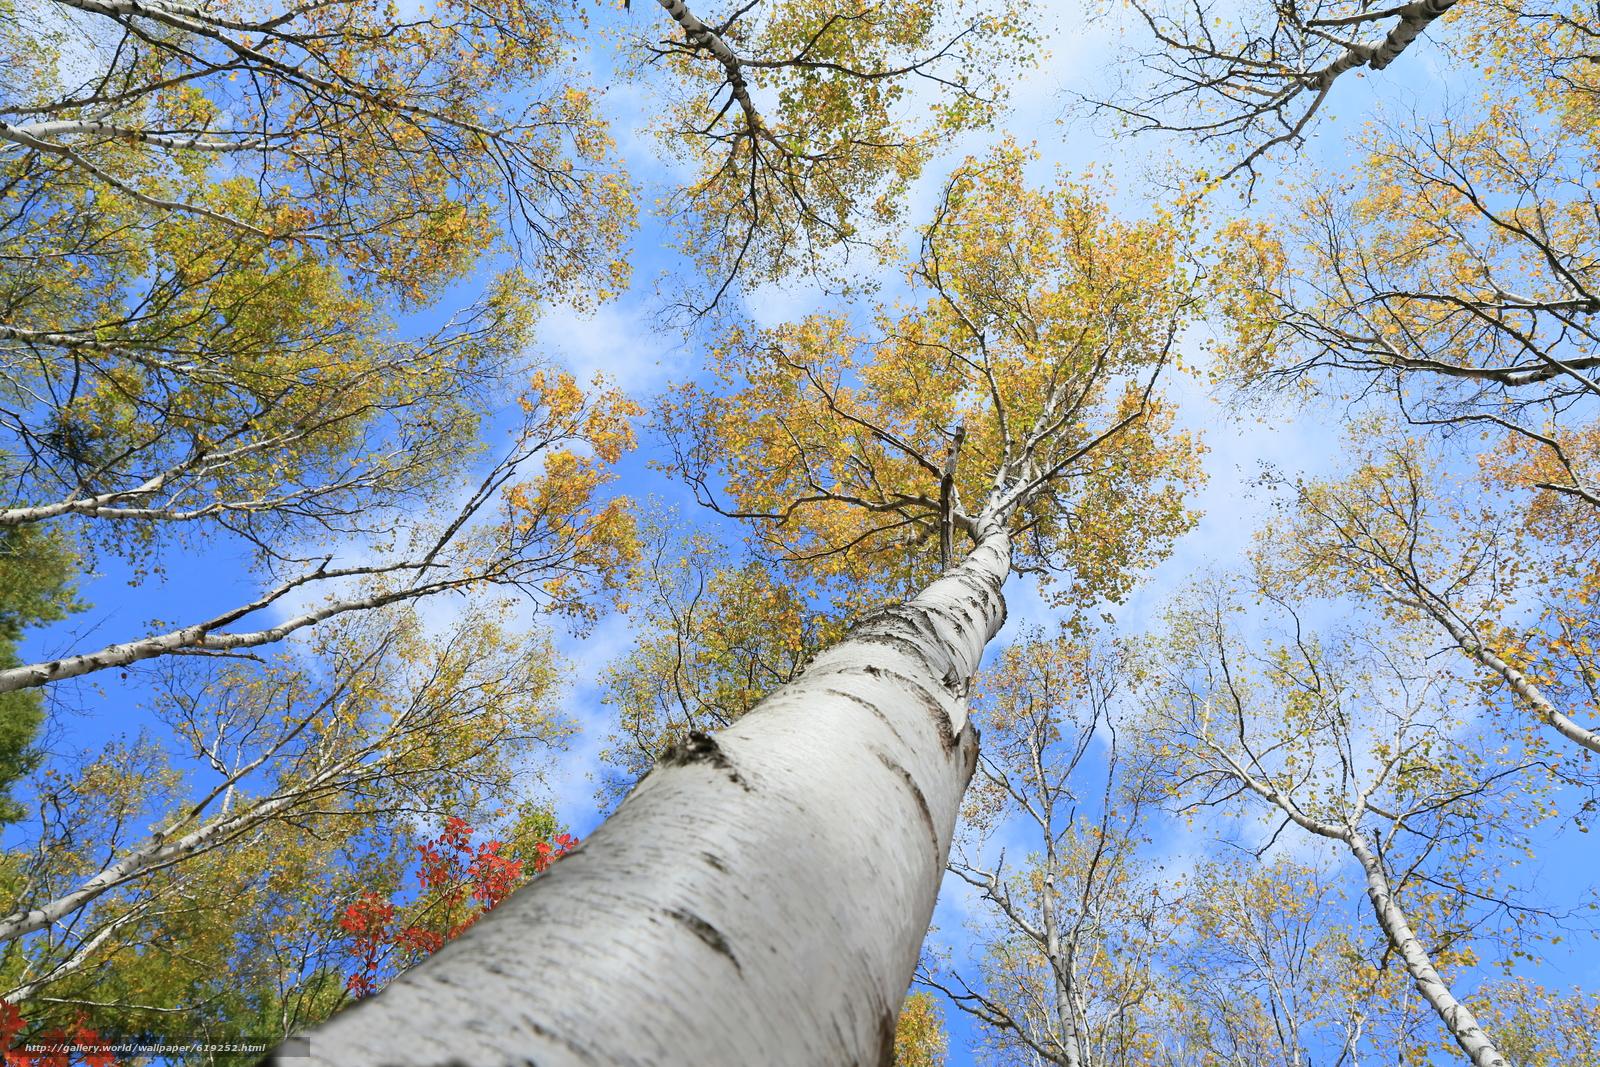 Tlcharger Fond d'ecran ciel,  arbres,  Birch,  automne Fonds d'ecran gratuits pour votre rsolution du bureau 5760x3840 — image №619252